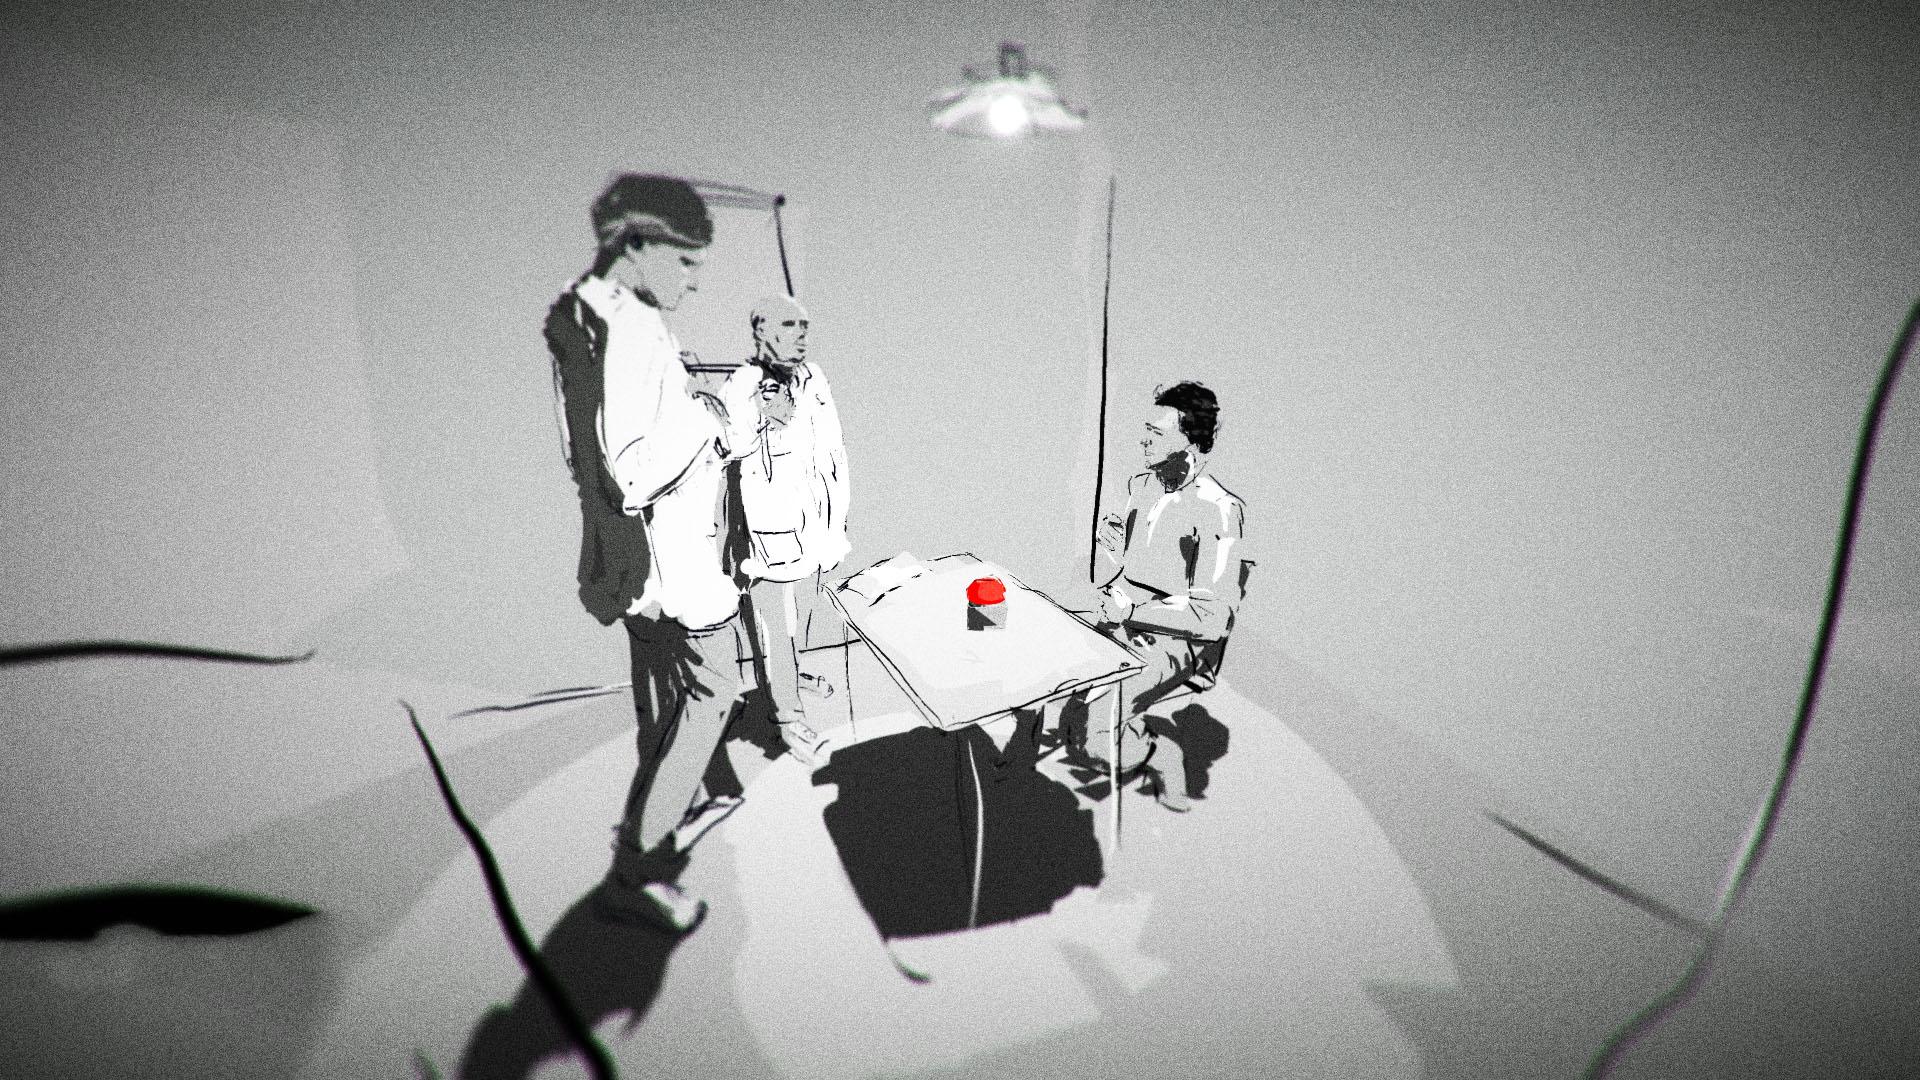 Porton Down Venice VR Callum Cooper 01 Still 3